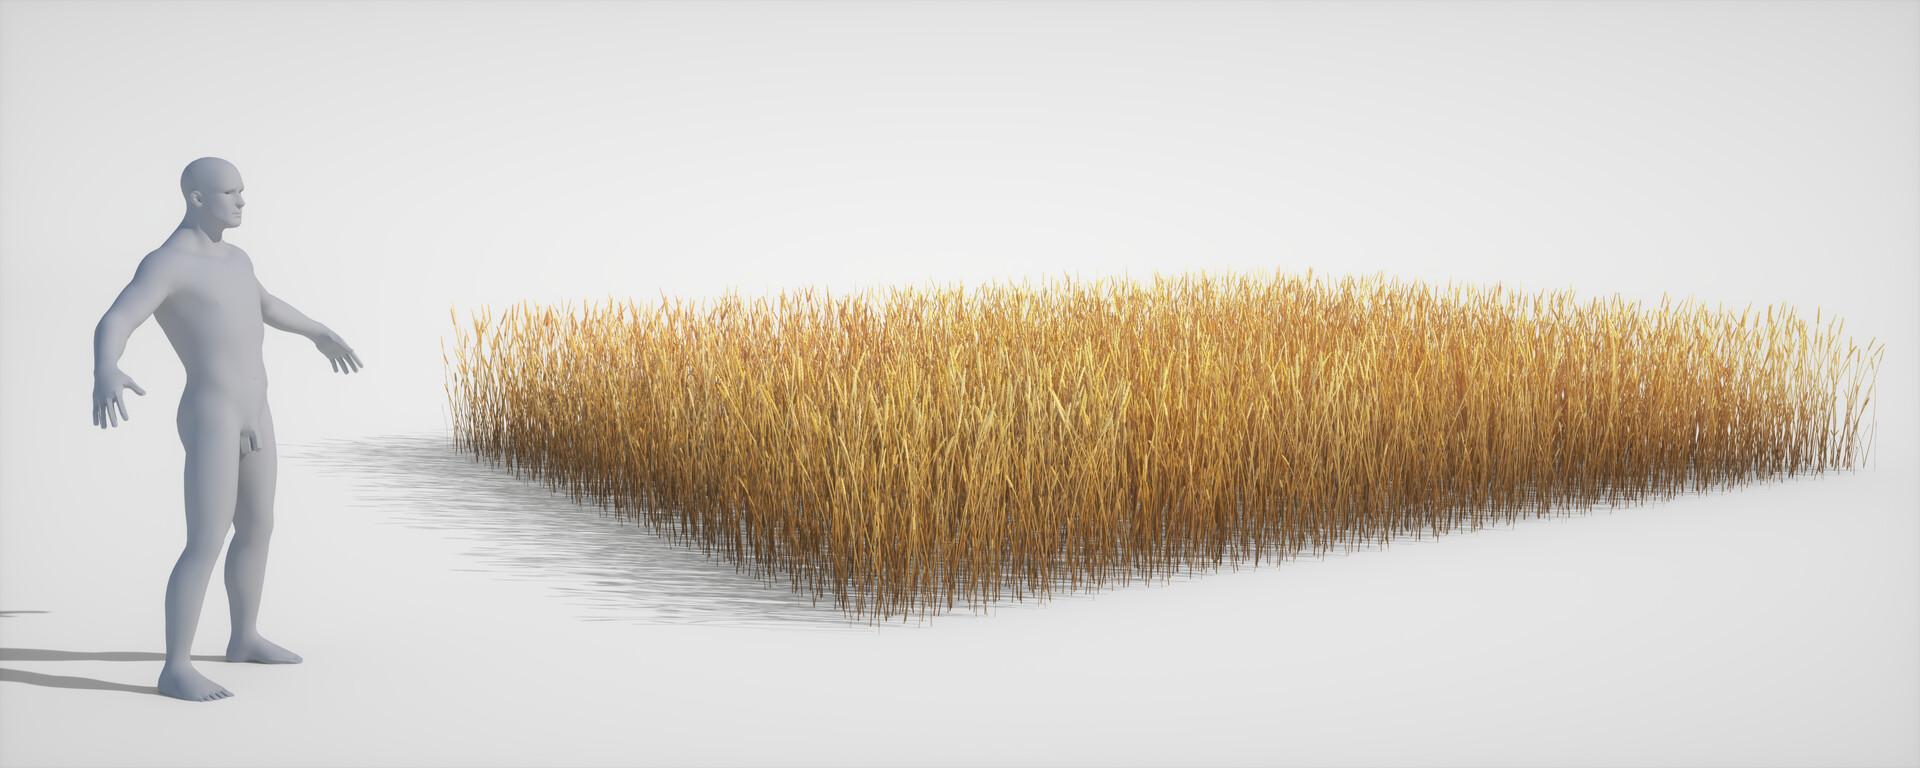 Jordi van hees wheat field